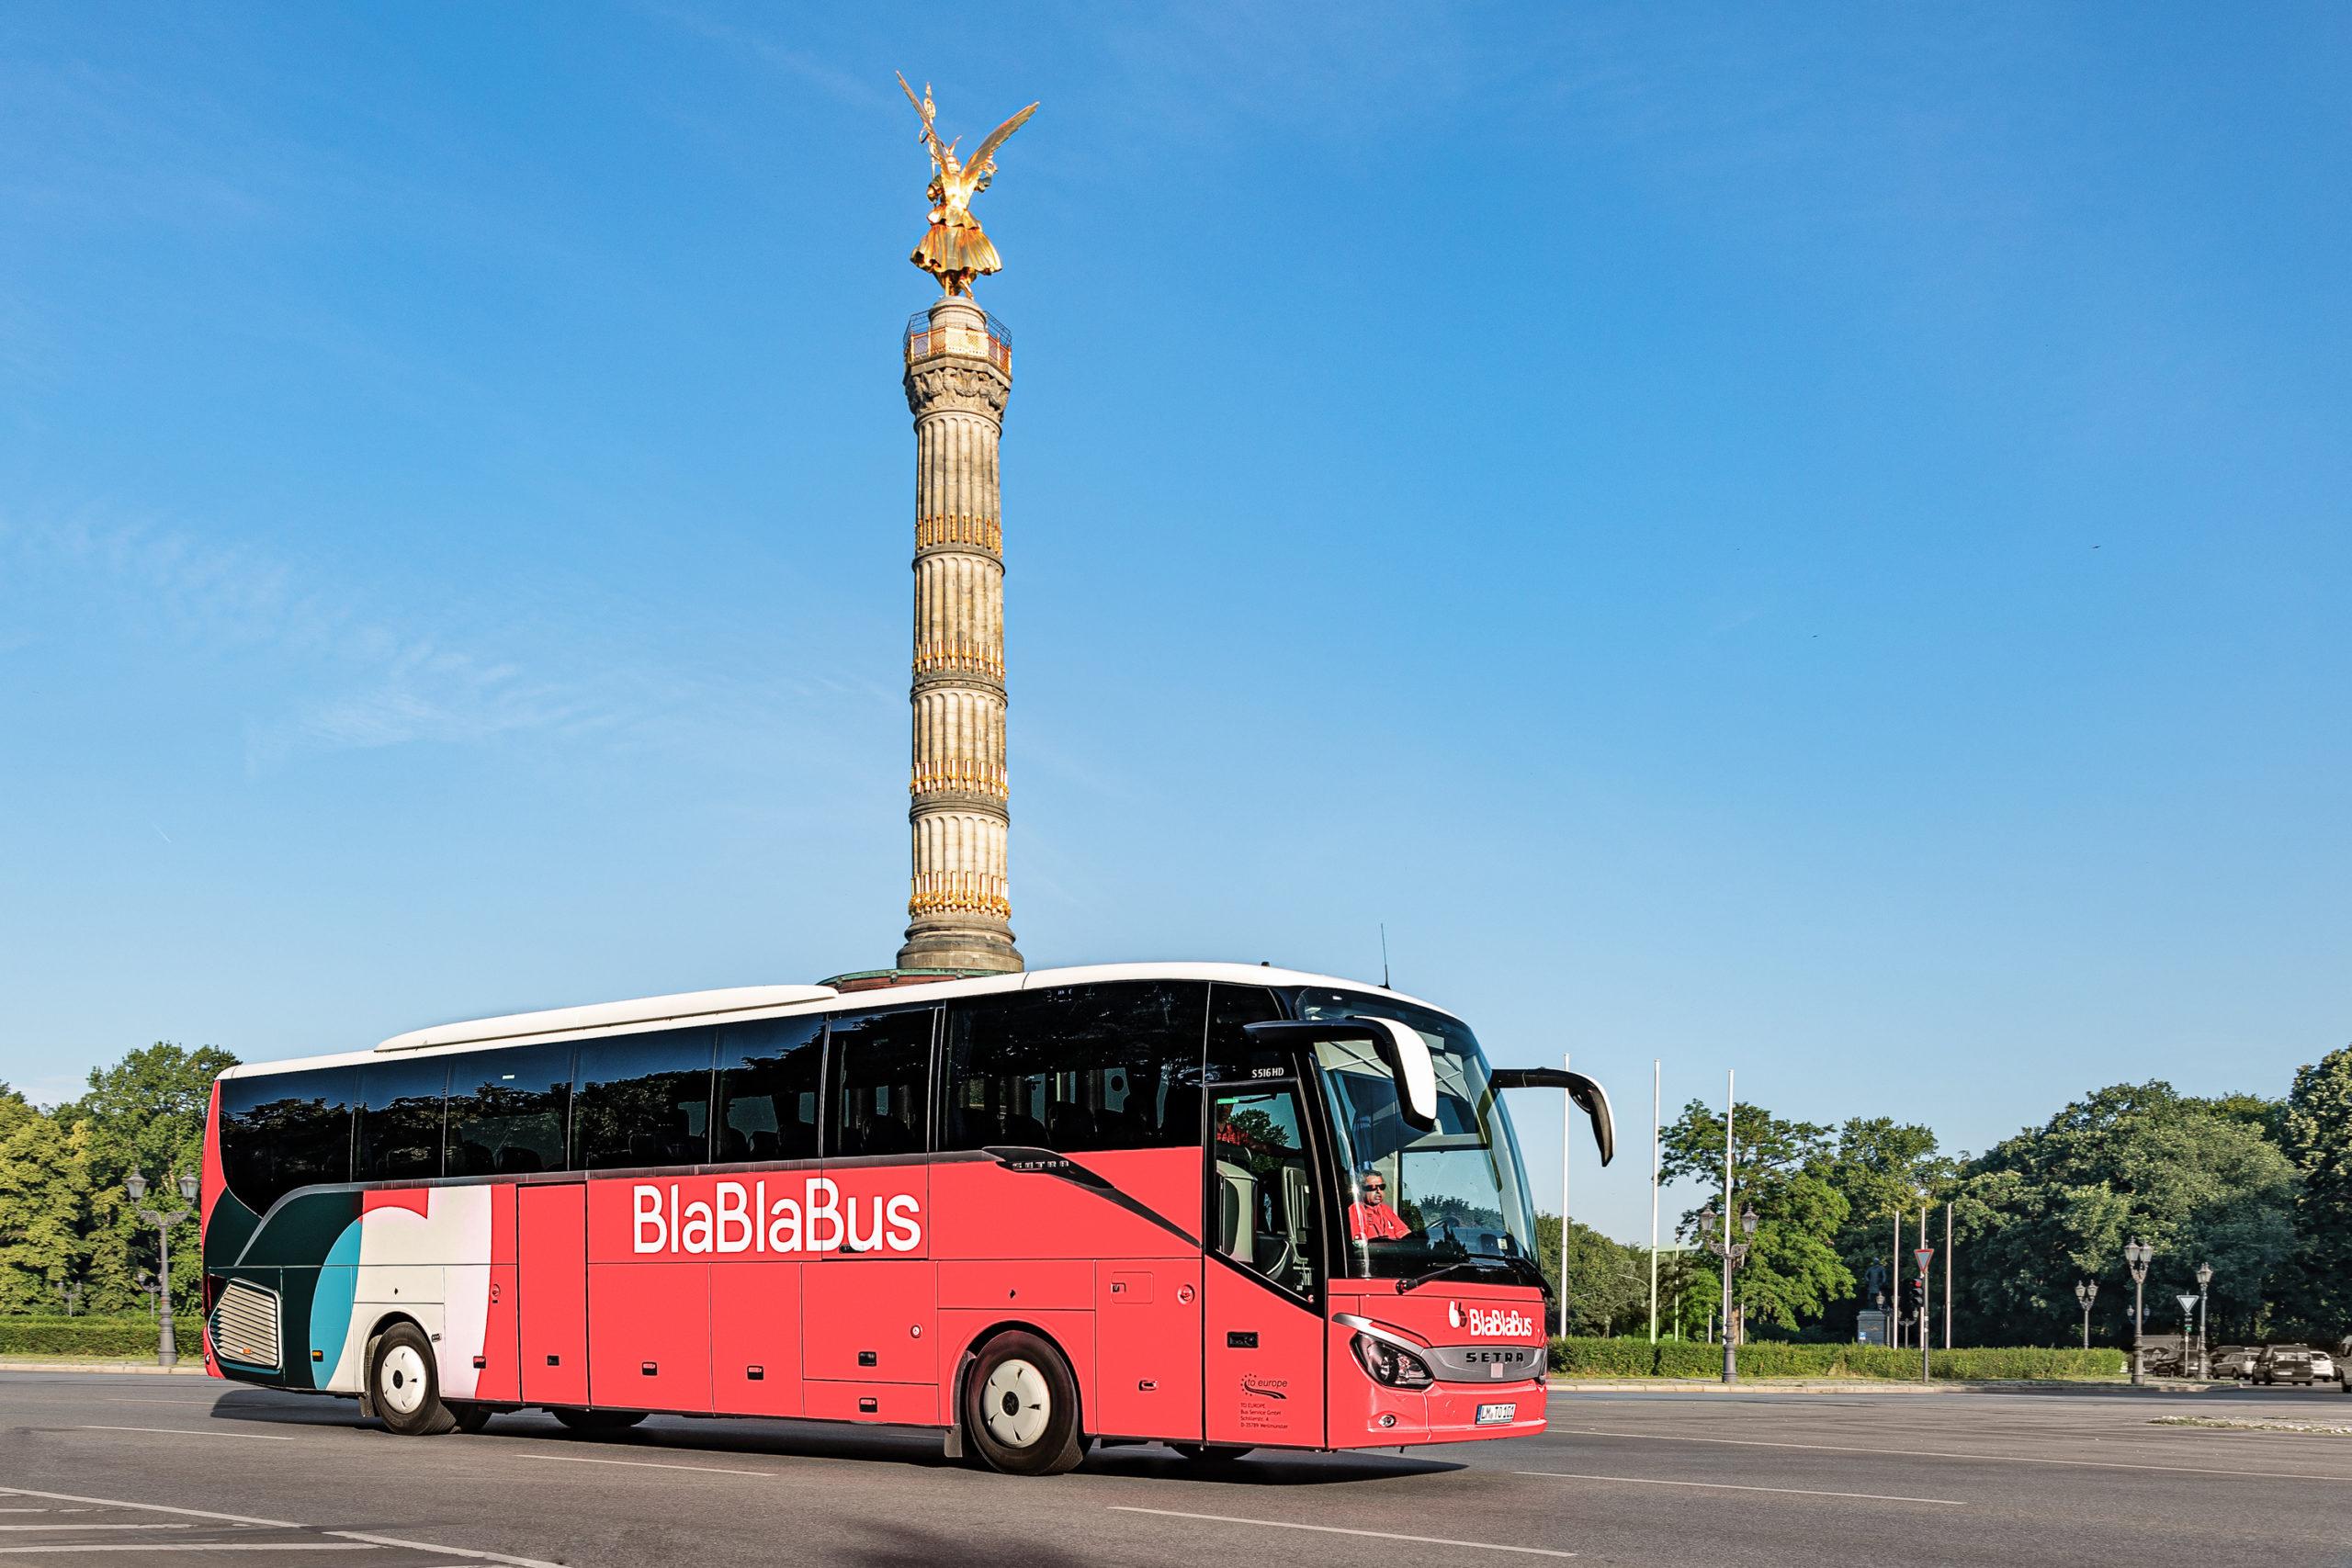 BlaBlaBus: Der Betrieb nimmt langsam wieder Fahrt auf. Credit: BlaBlaBus